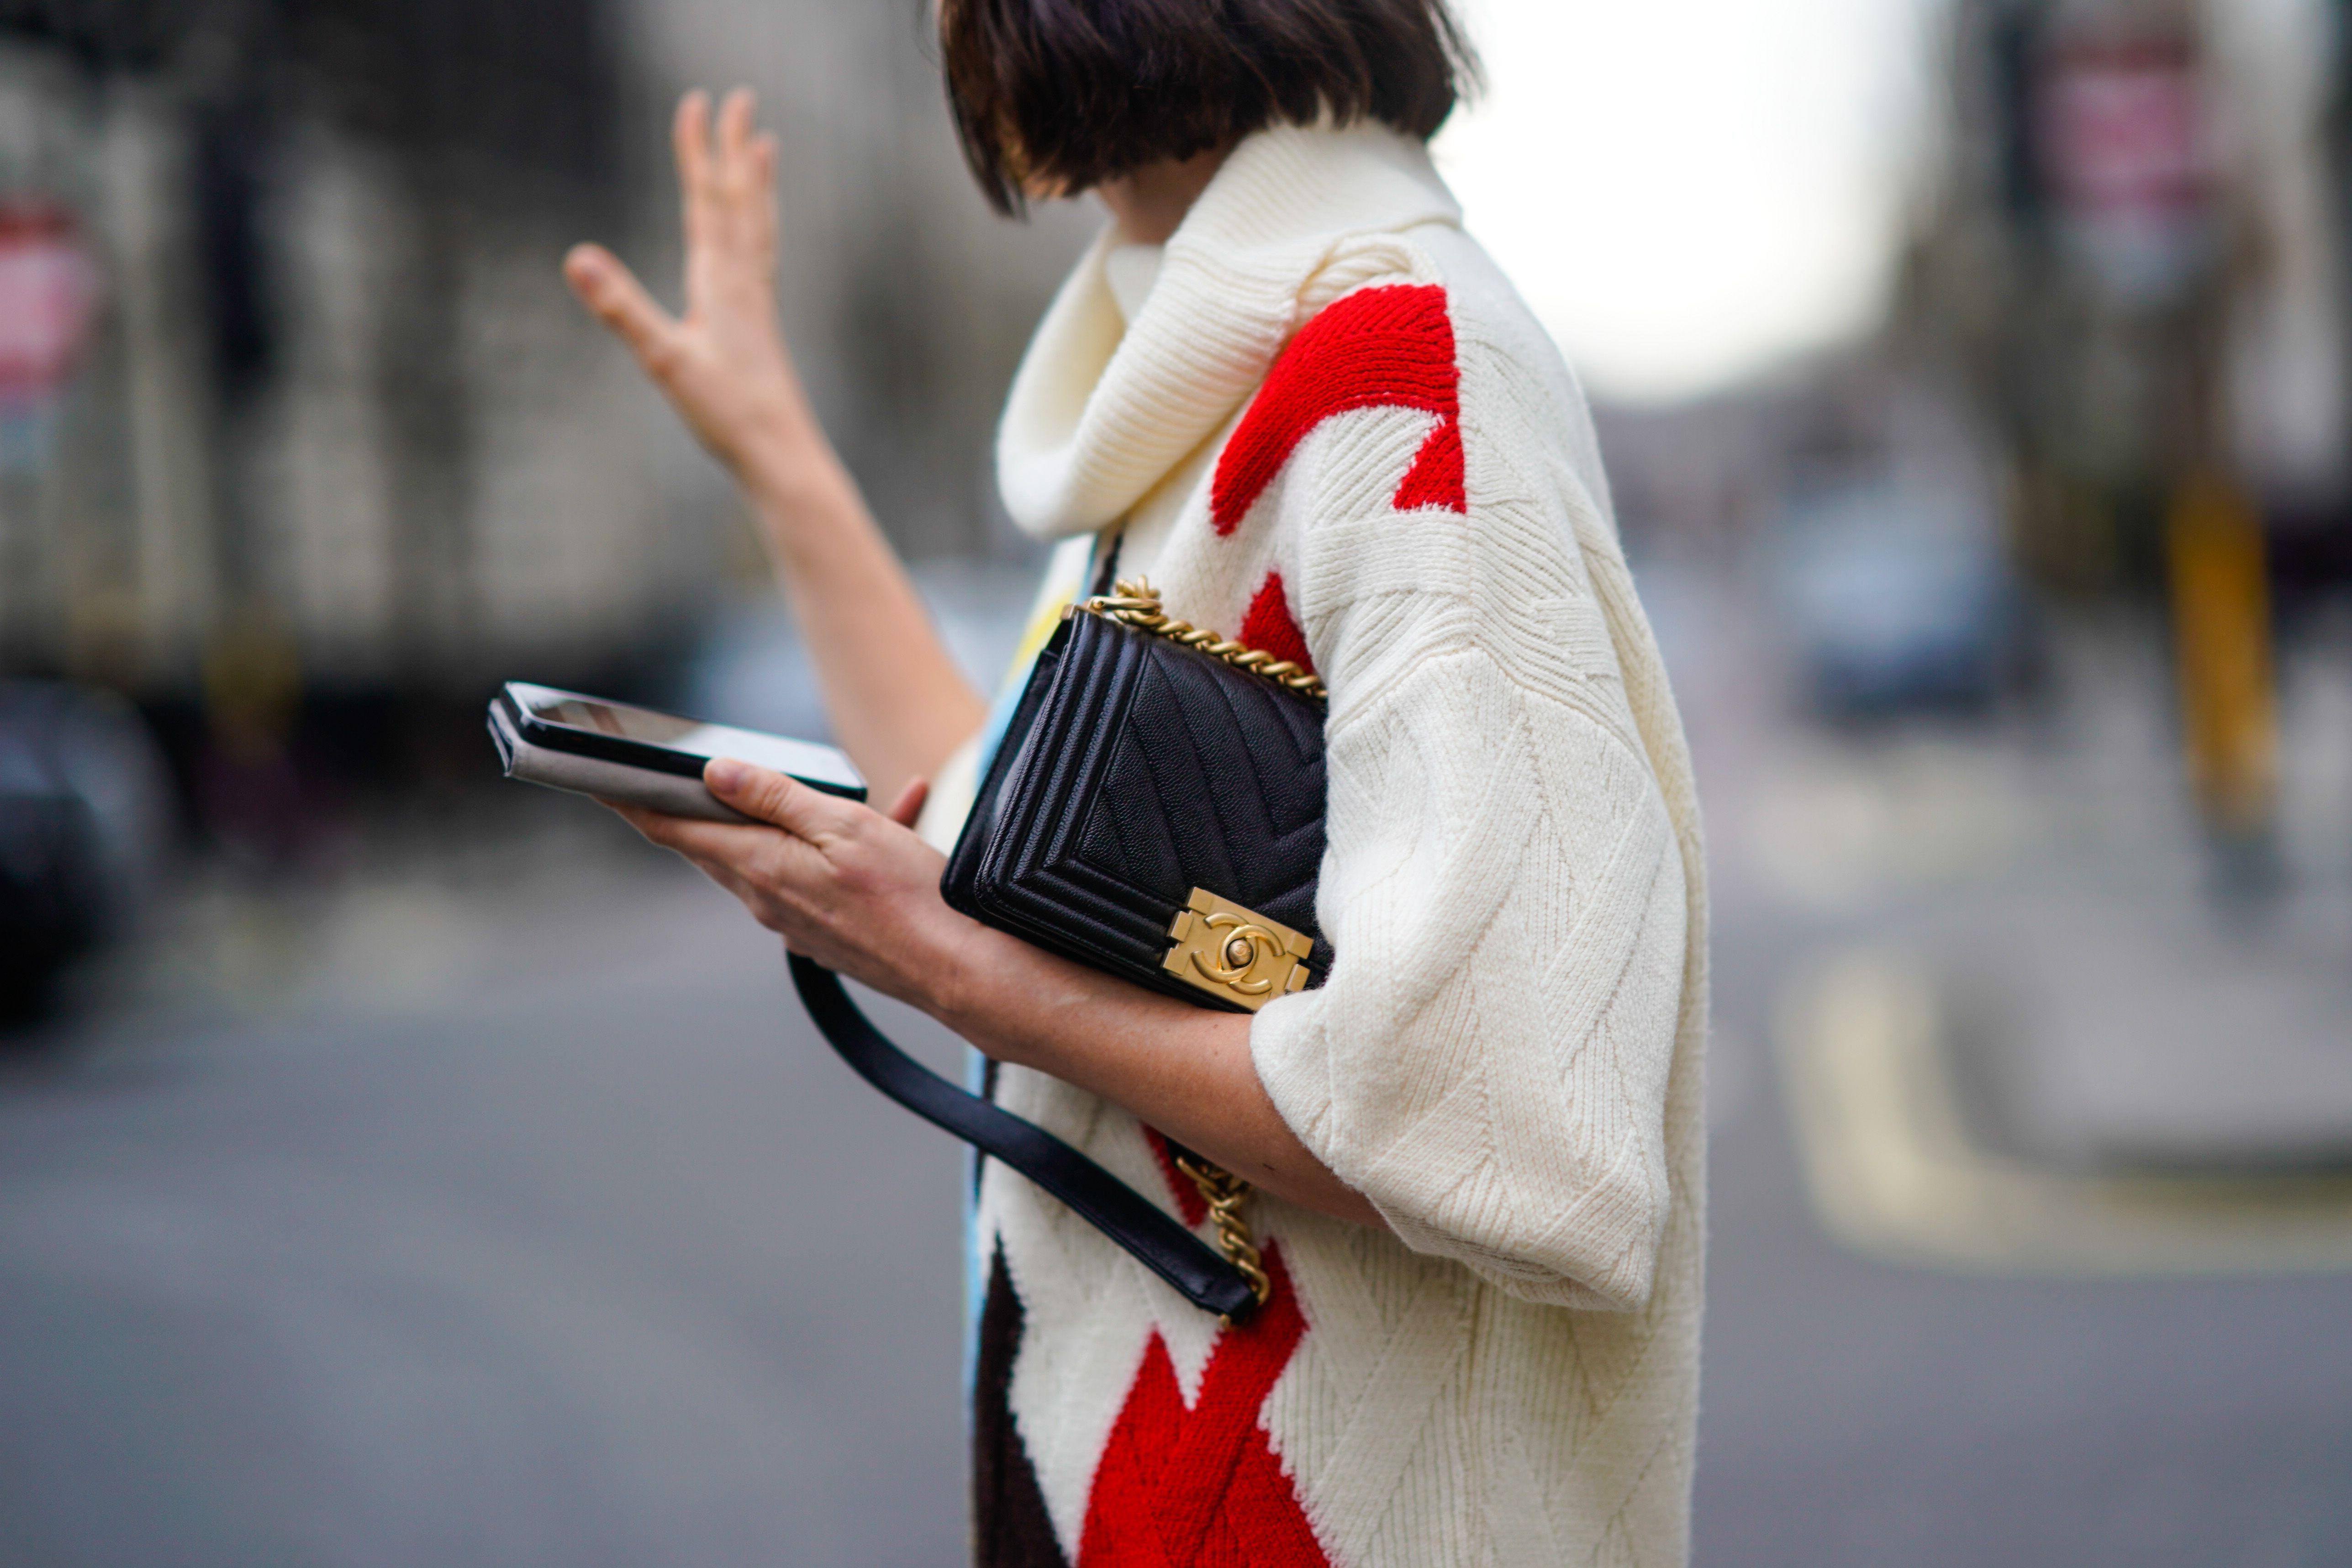 d183acd741 Tiendas de ropa vintage en internet - Las mejores webs para comprar moda de segunda  mano